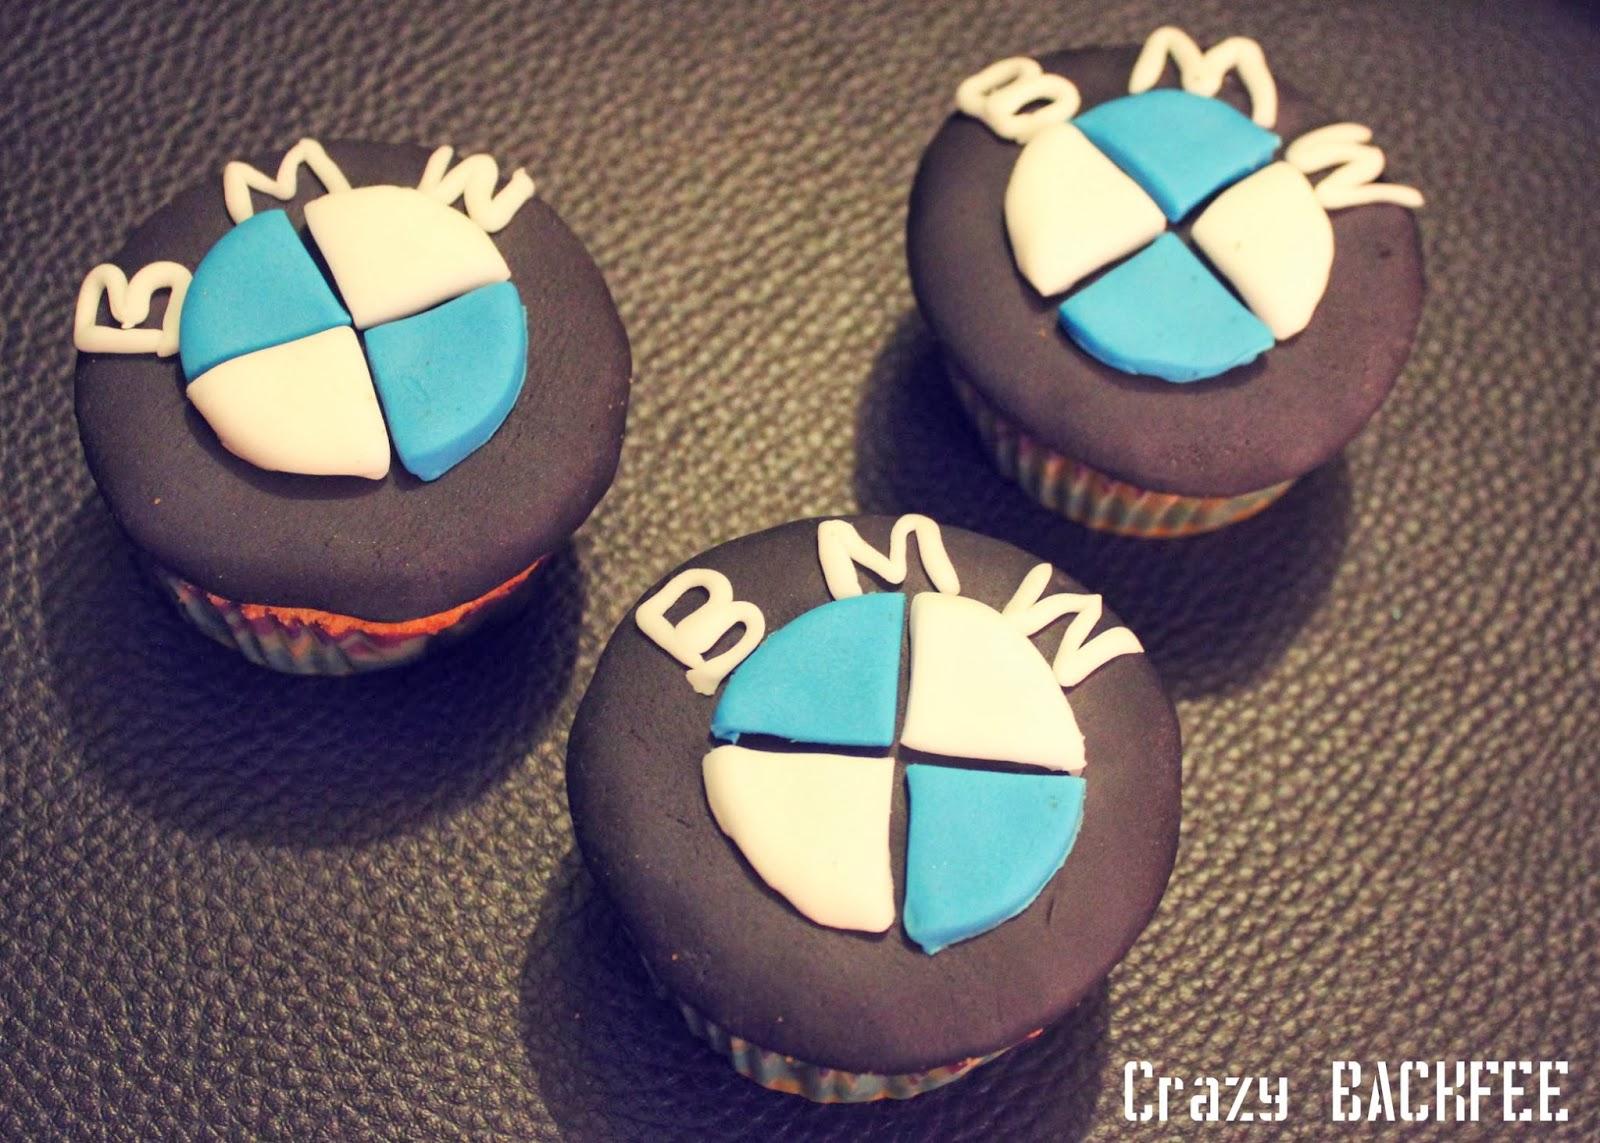 Crazy BackNoé: Ein paar leckere Cupcakes